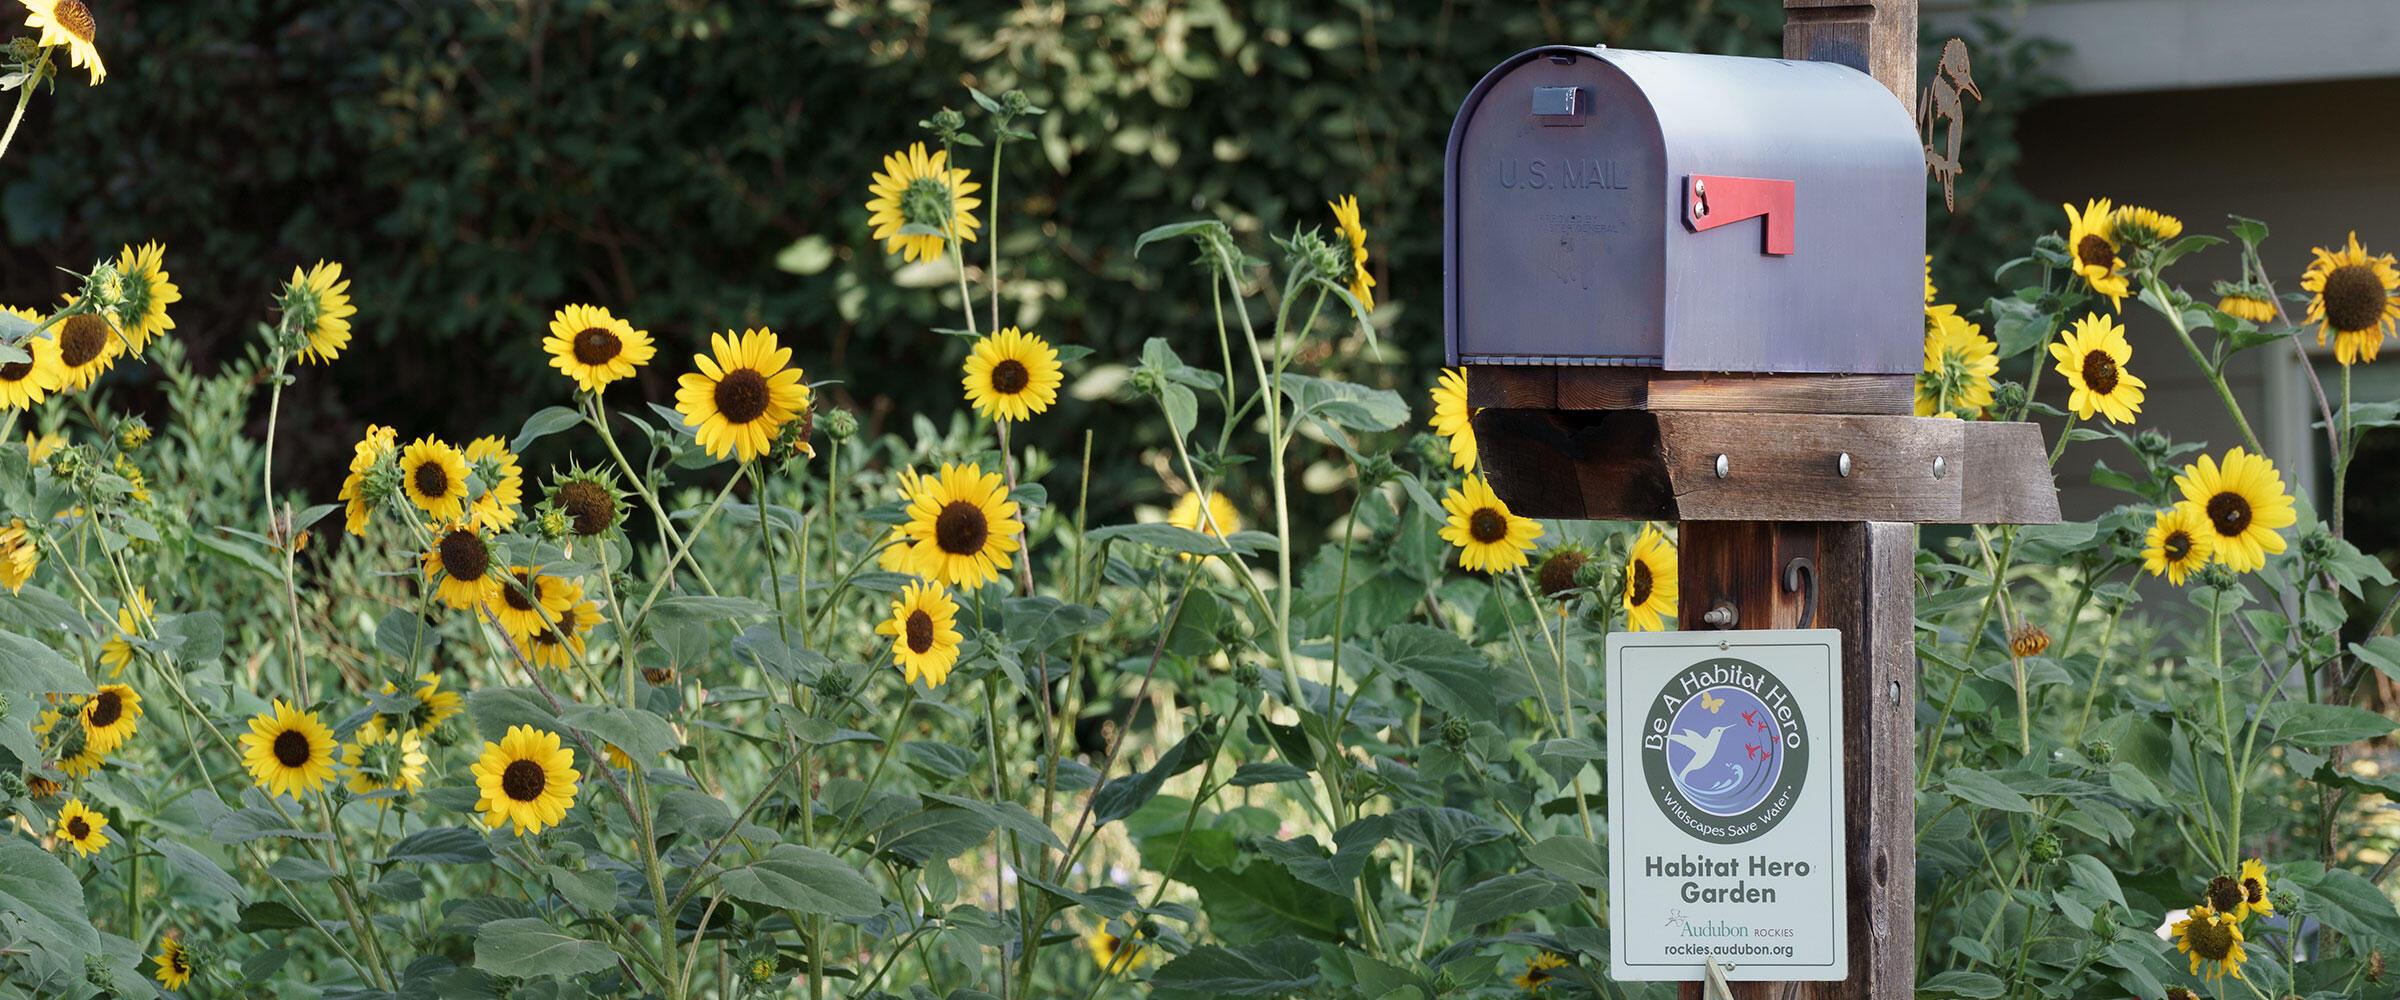 Sunflowers bloom in garden next to a Habitat Hero certification sign.